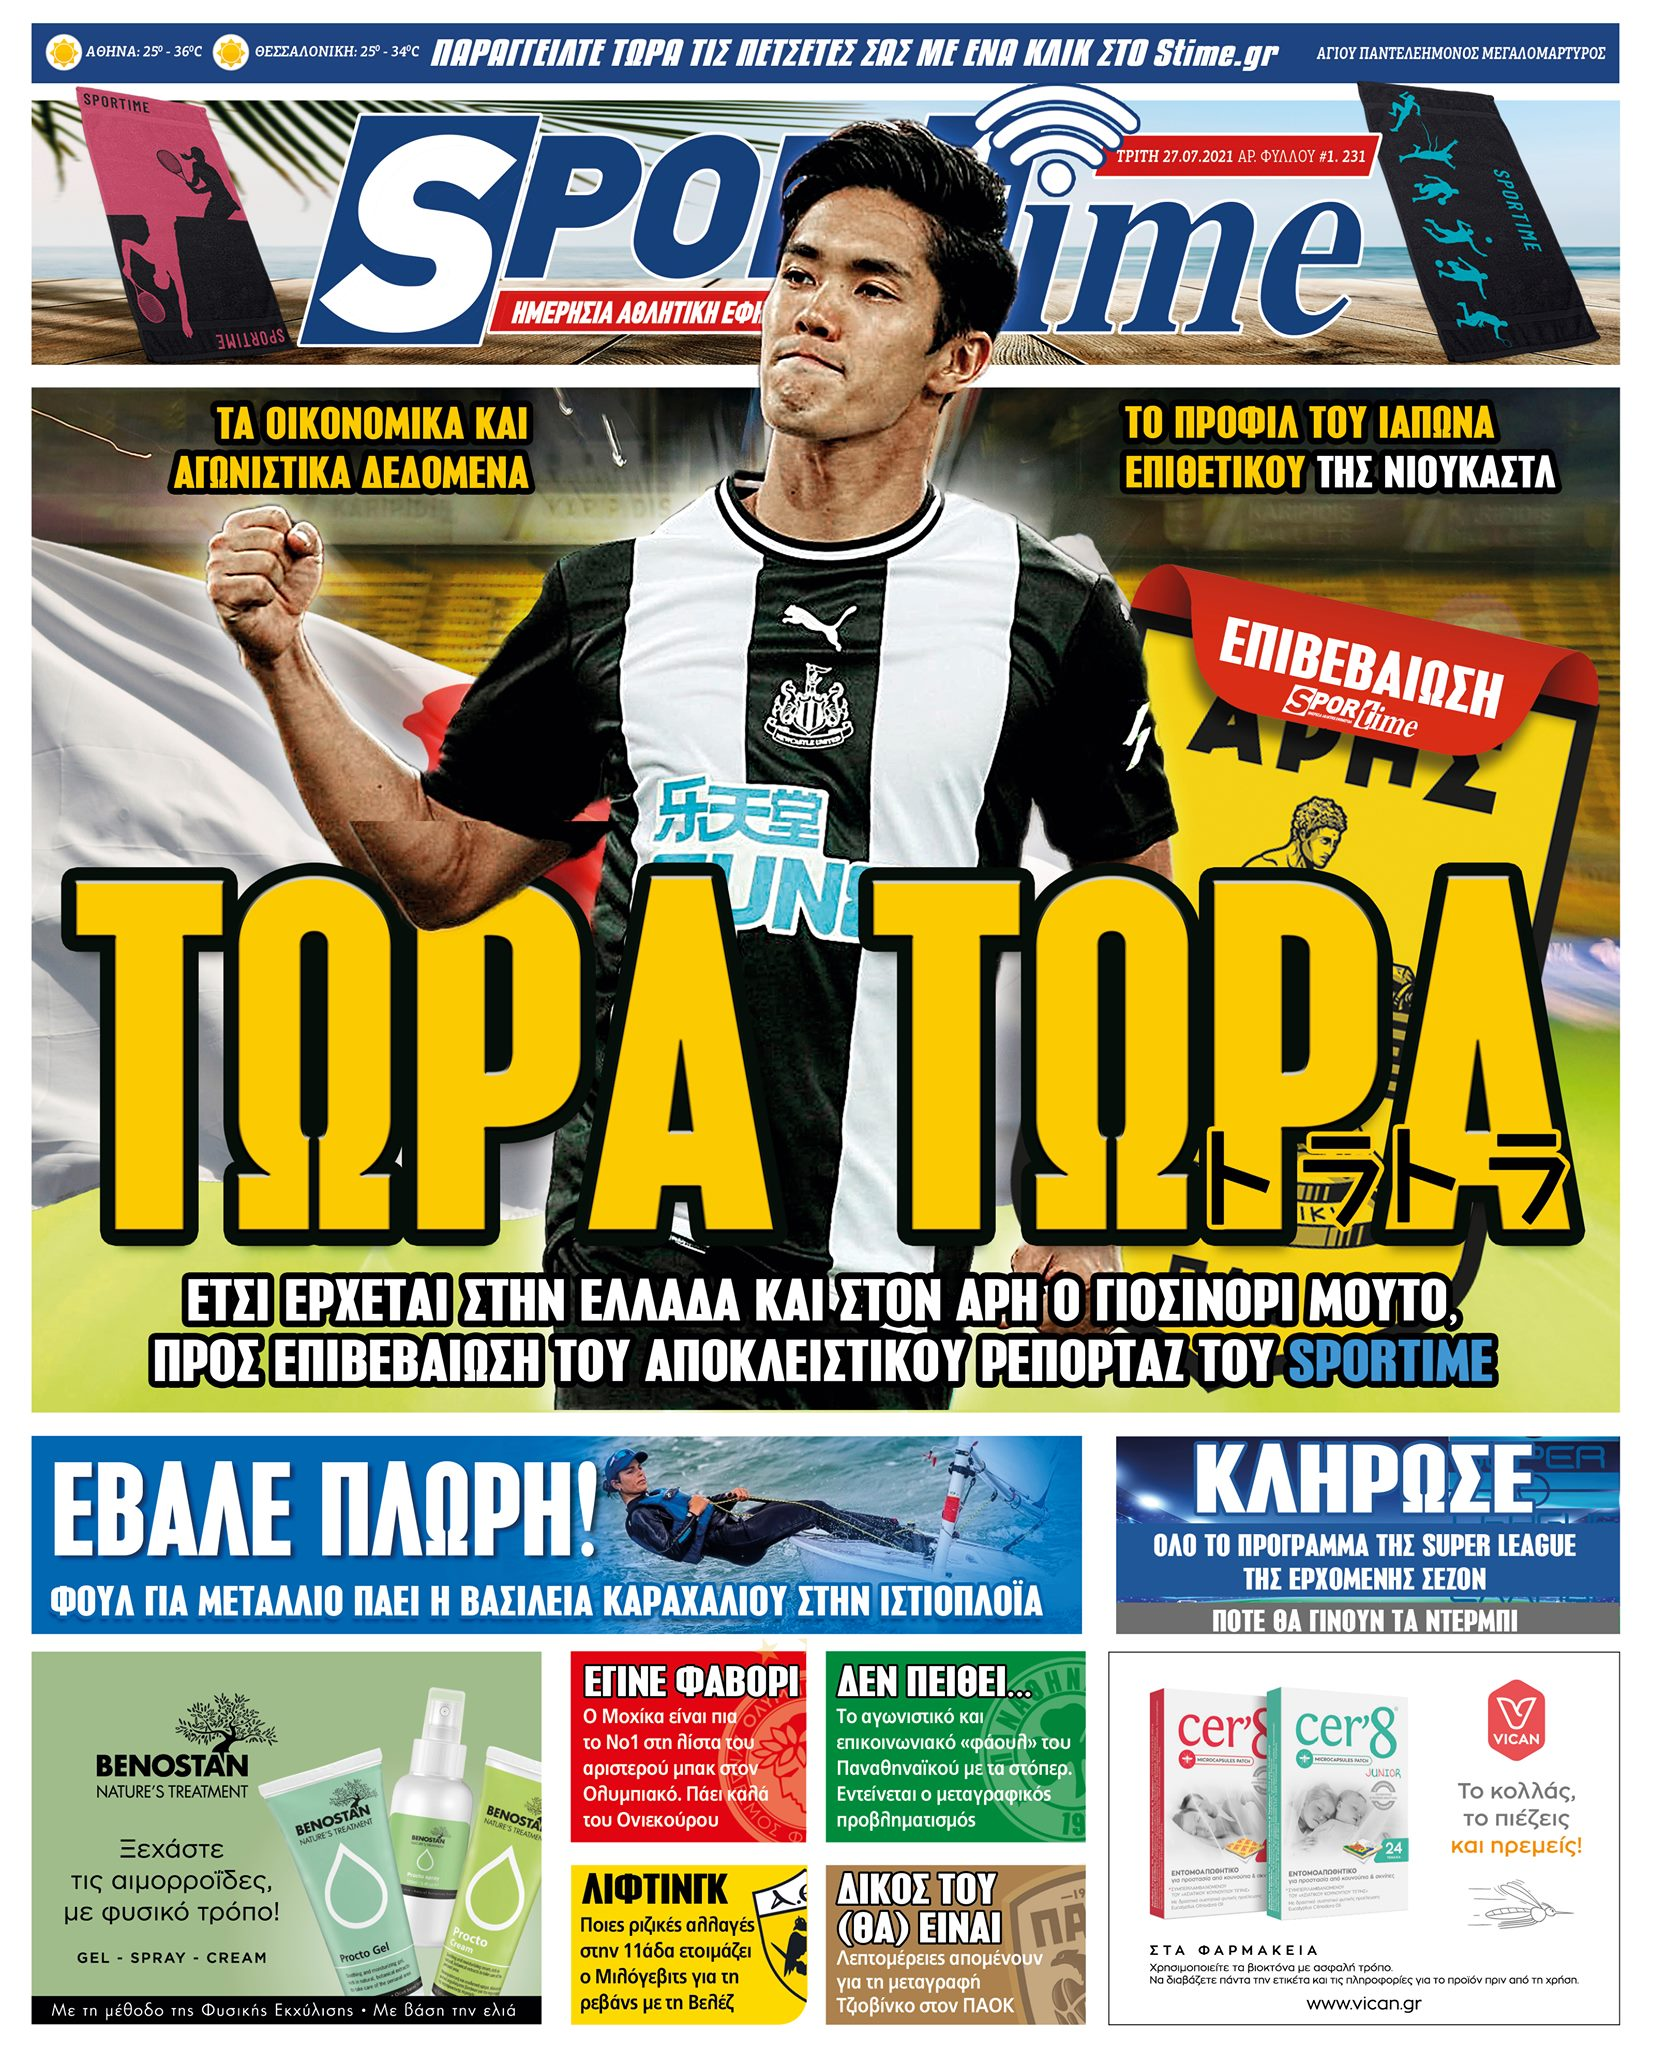 Εφημερίδα SPORTIME - Εξώφυλλο φύλλου 27/7/2021